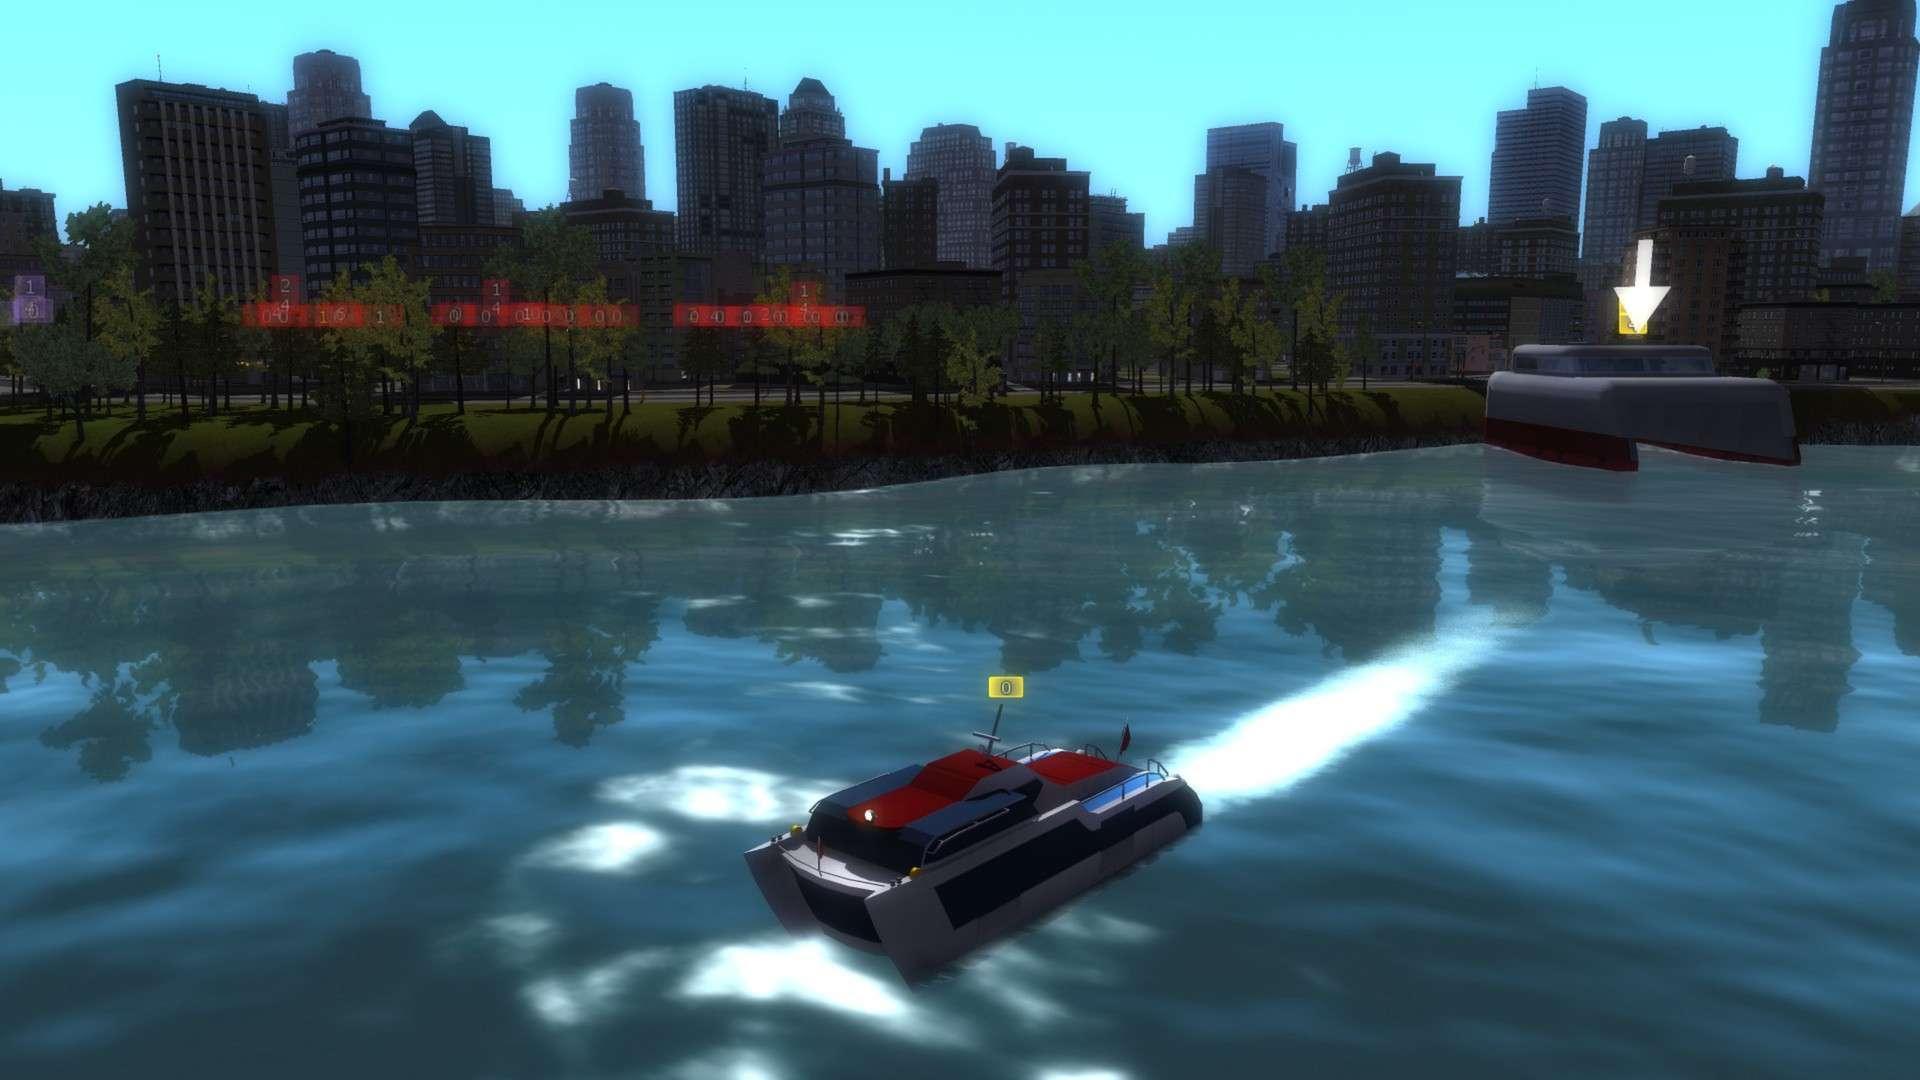 citiesinmotion203.jpg